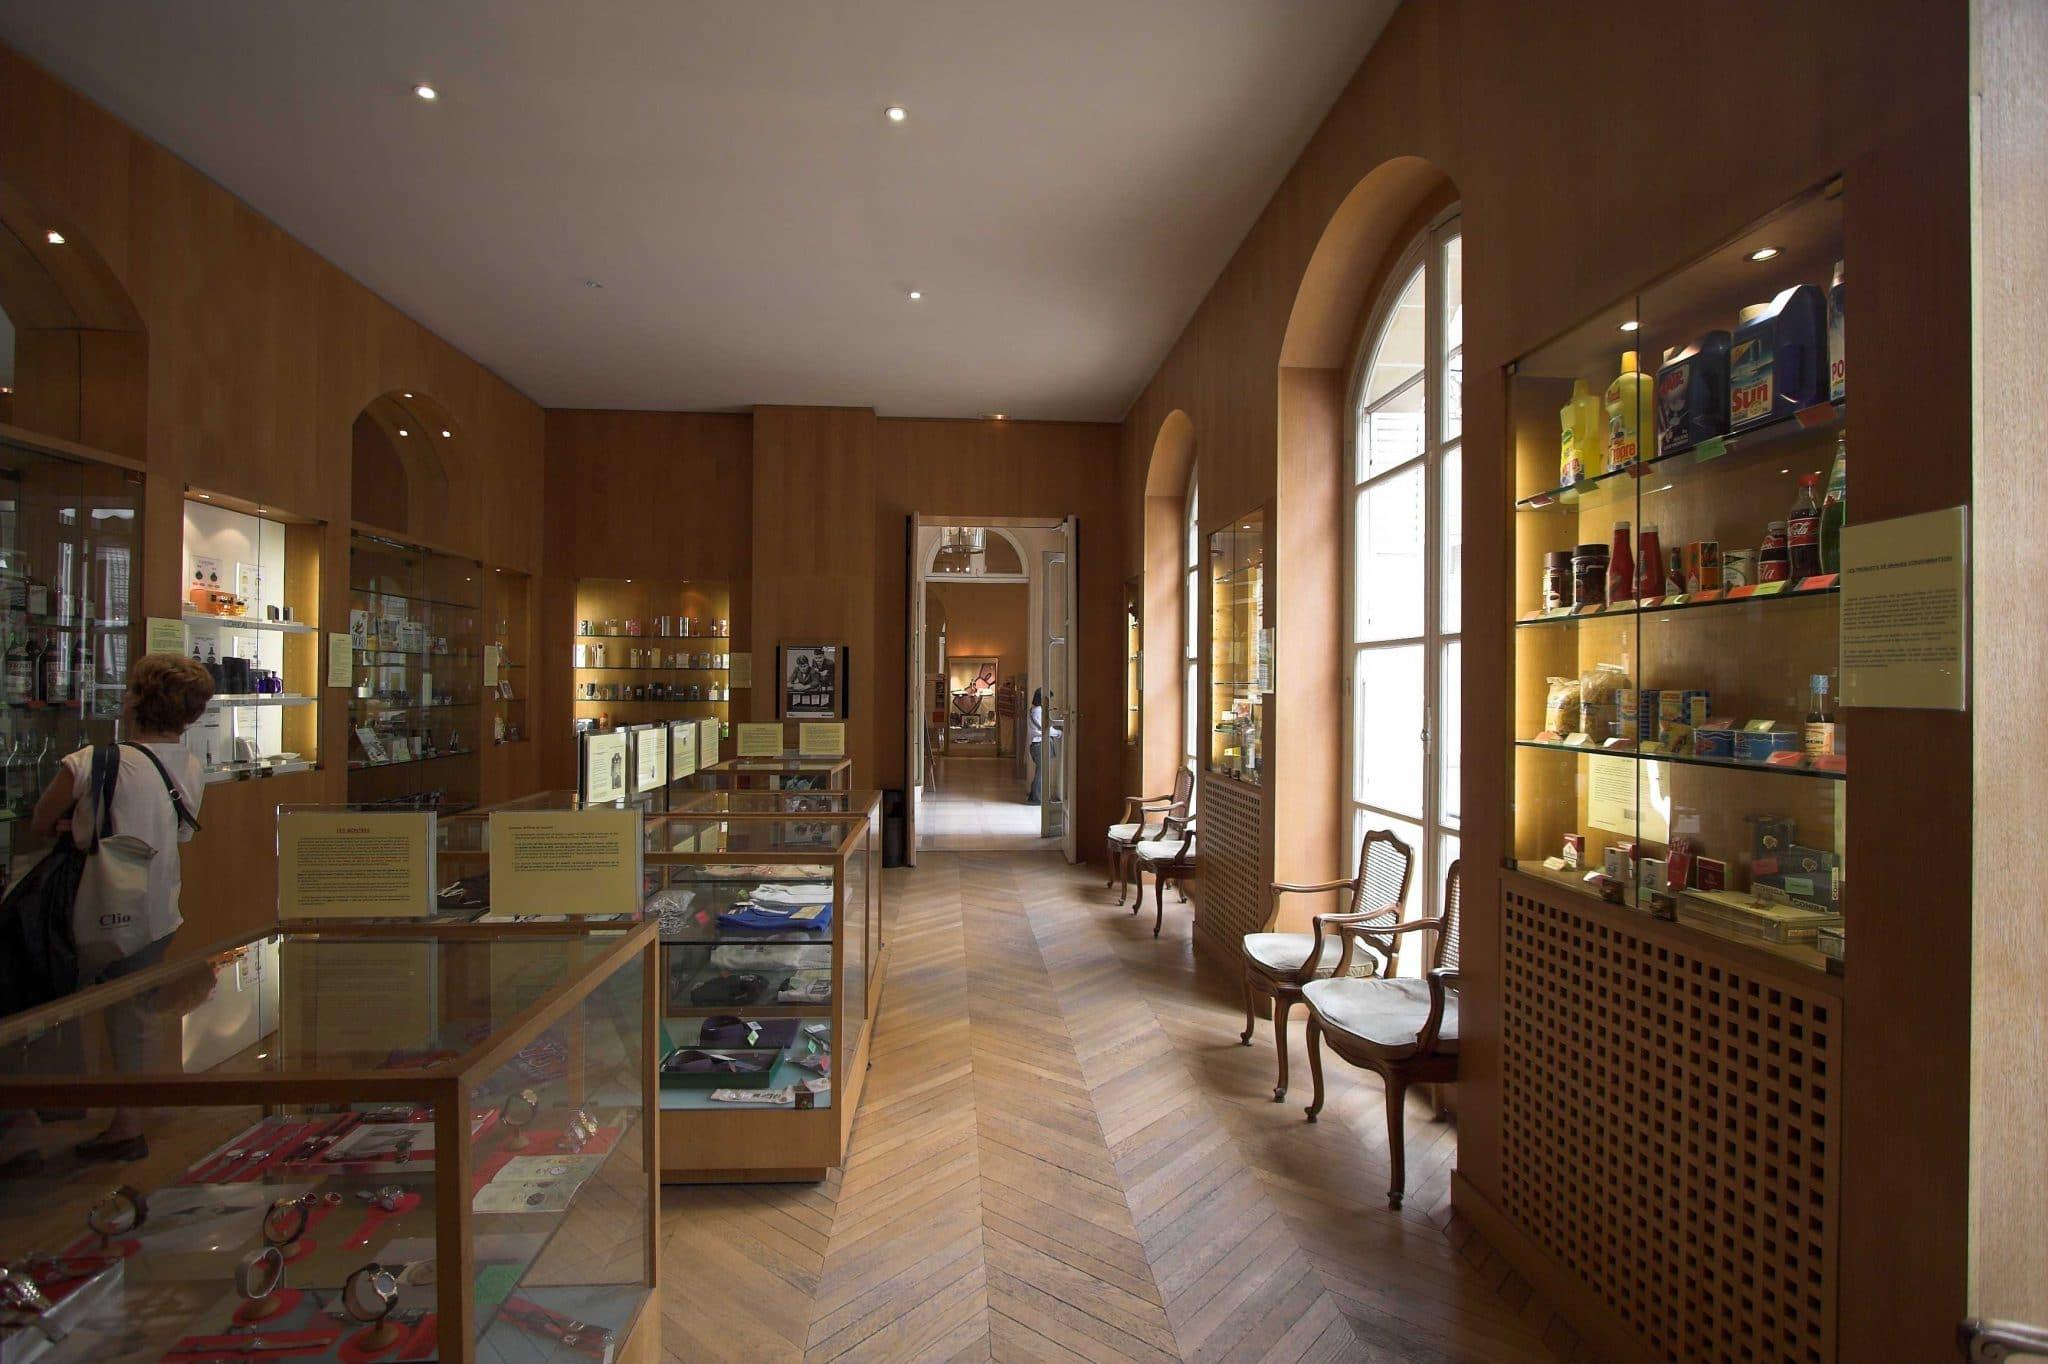 Musée_de_la_Contrefaçon_Paris_FRA_001